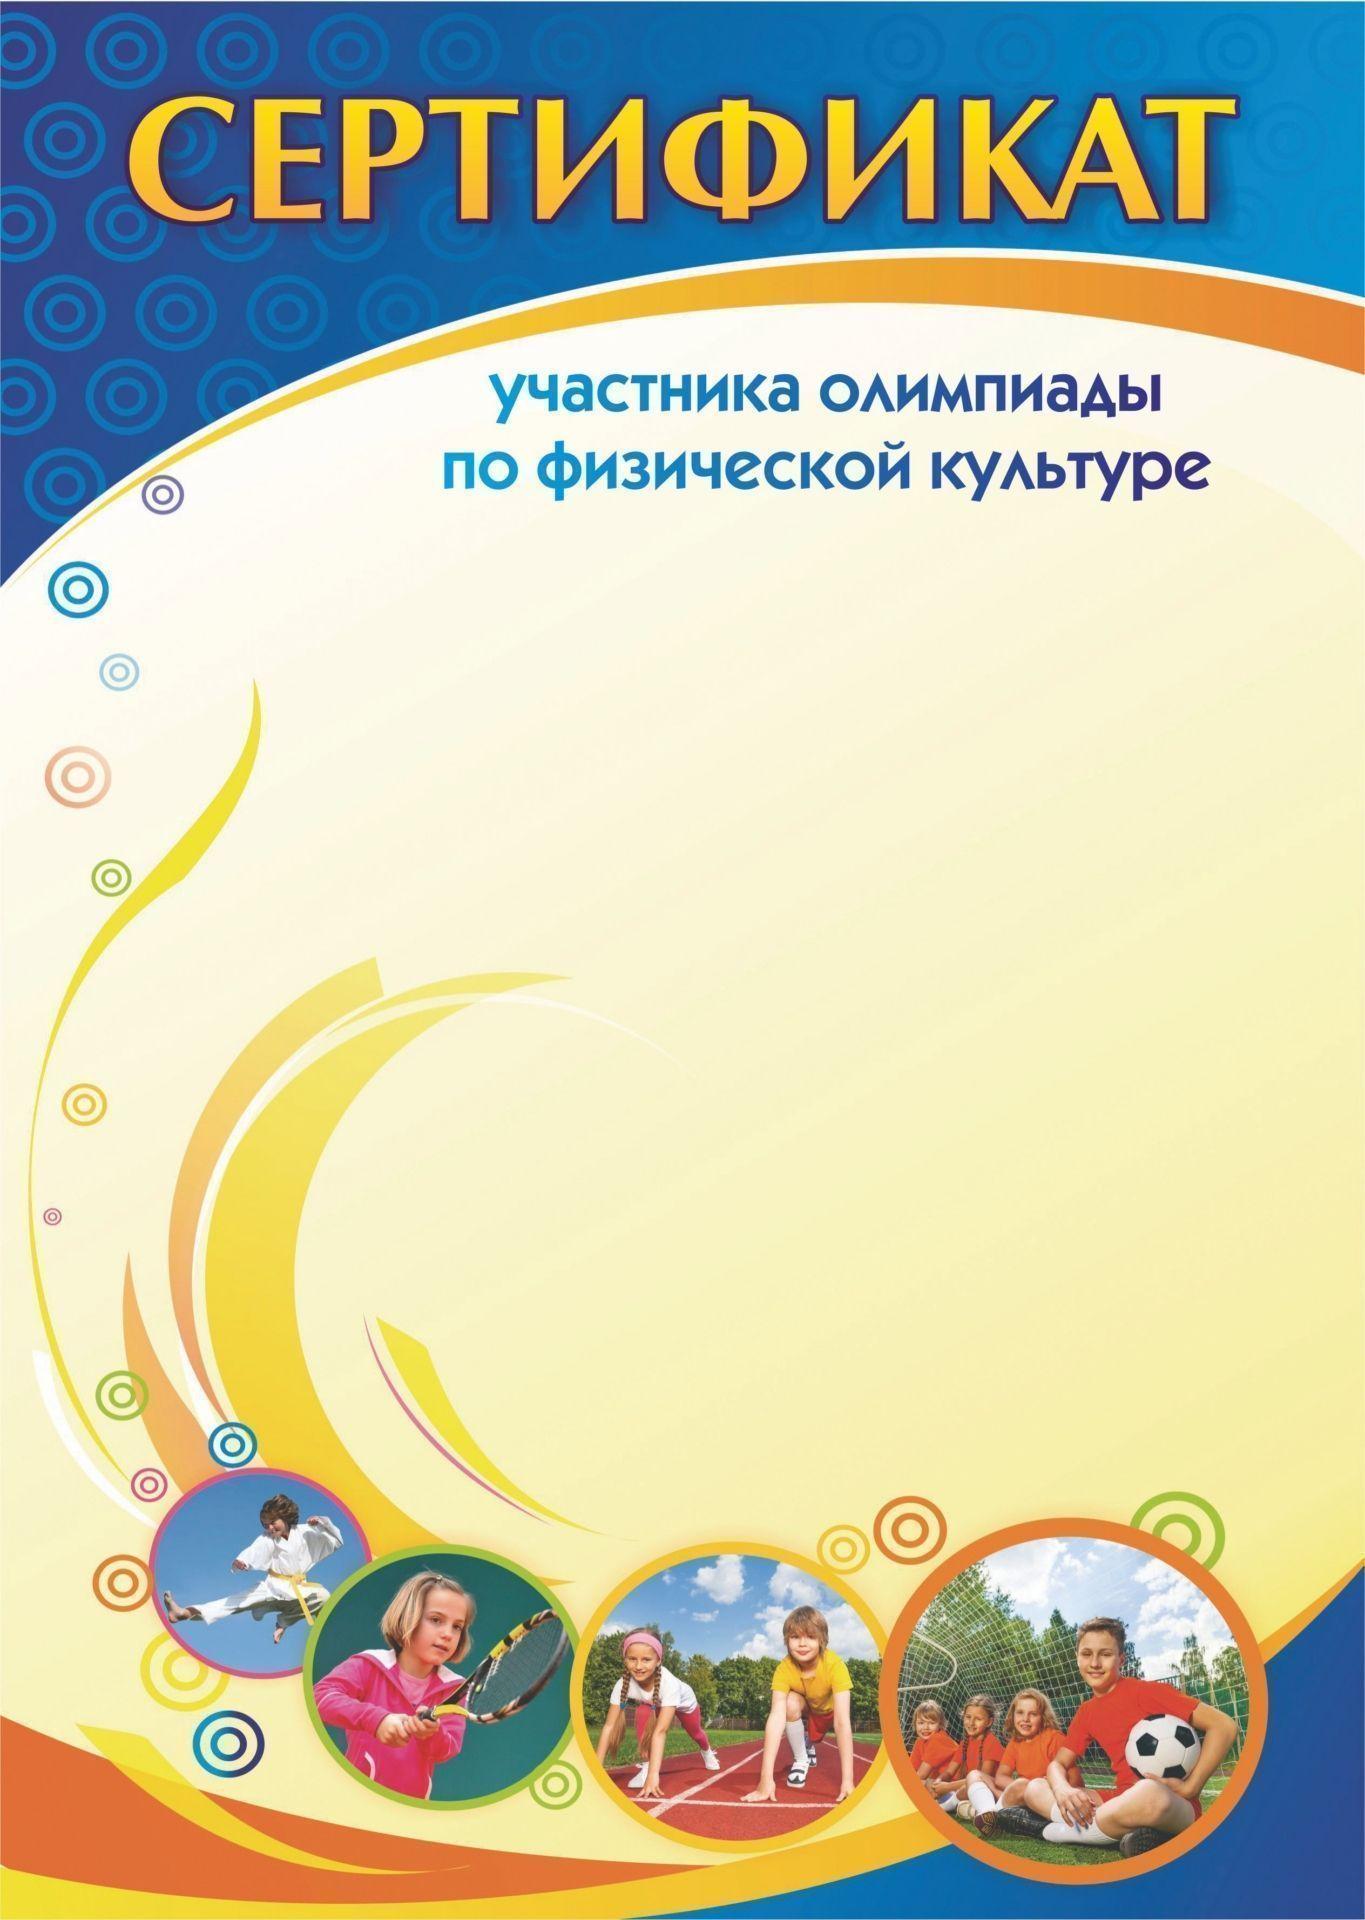 Сертификат участника олимпиады по физической культуре